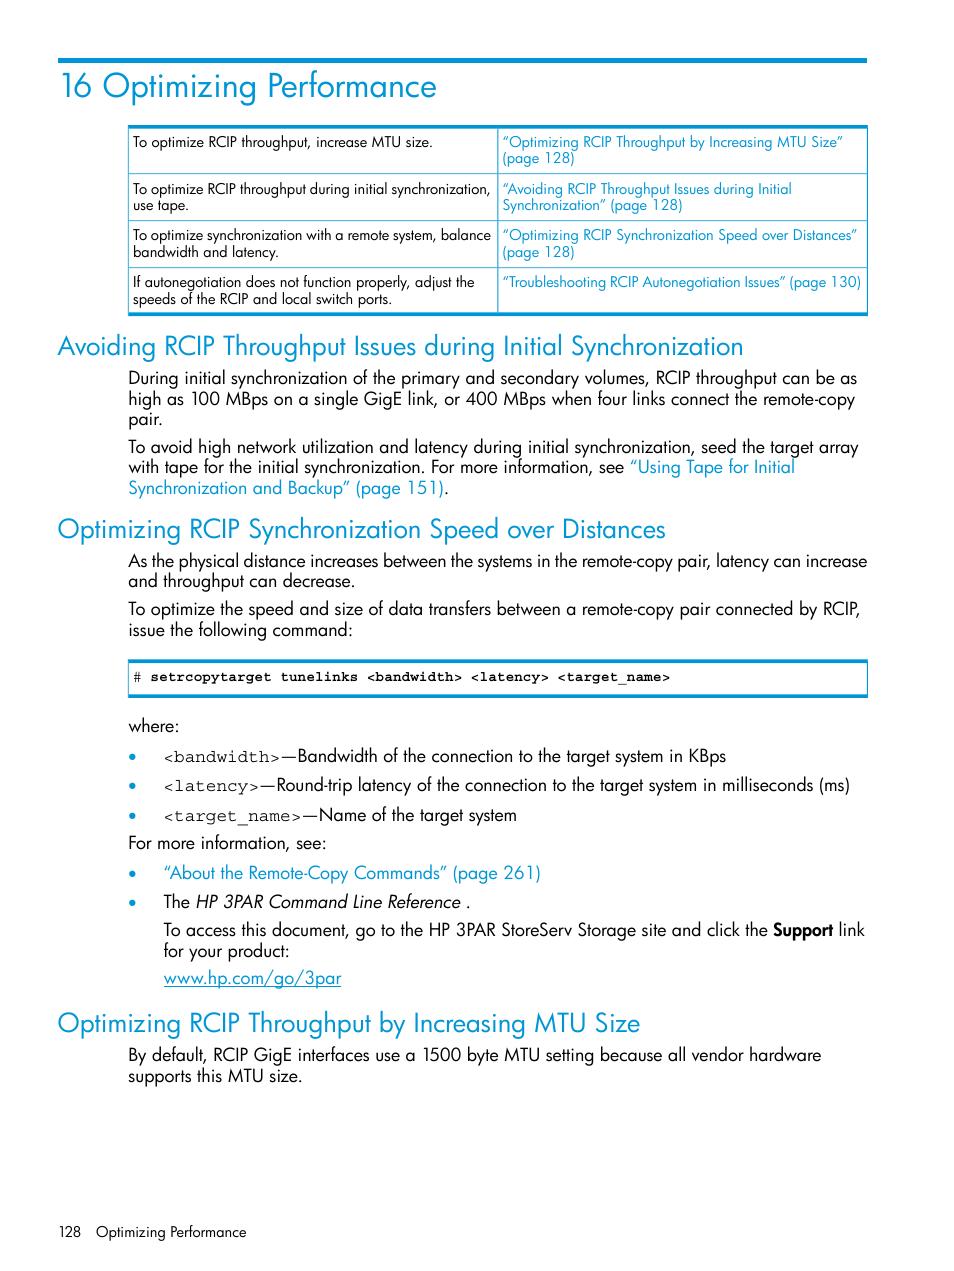 16 optimizing performance, Optimizing rcip throughput by